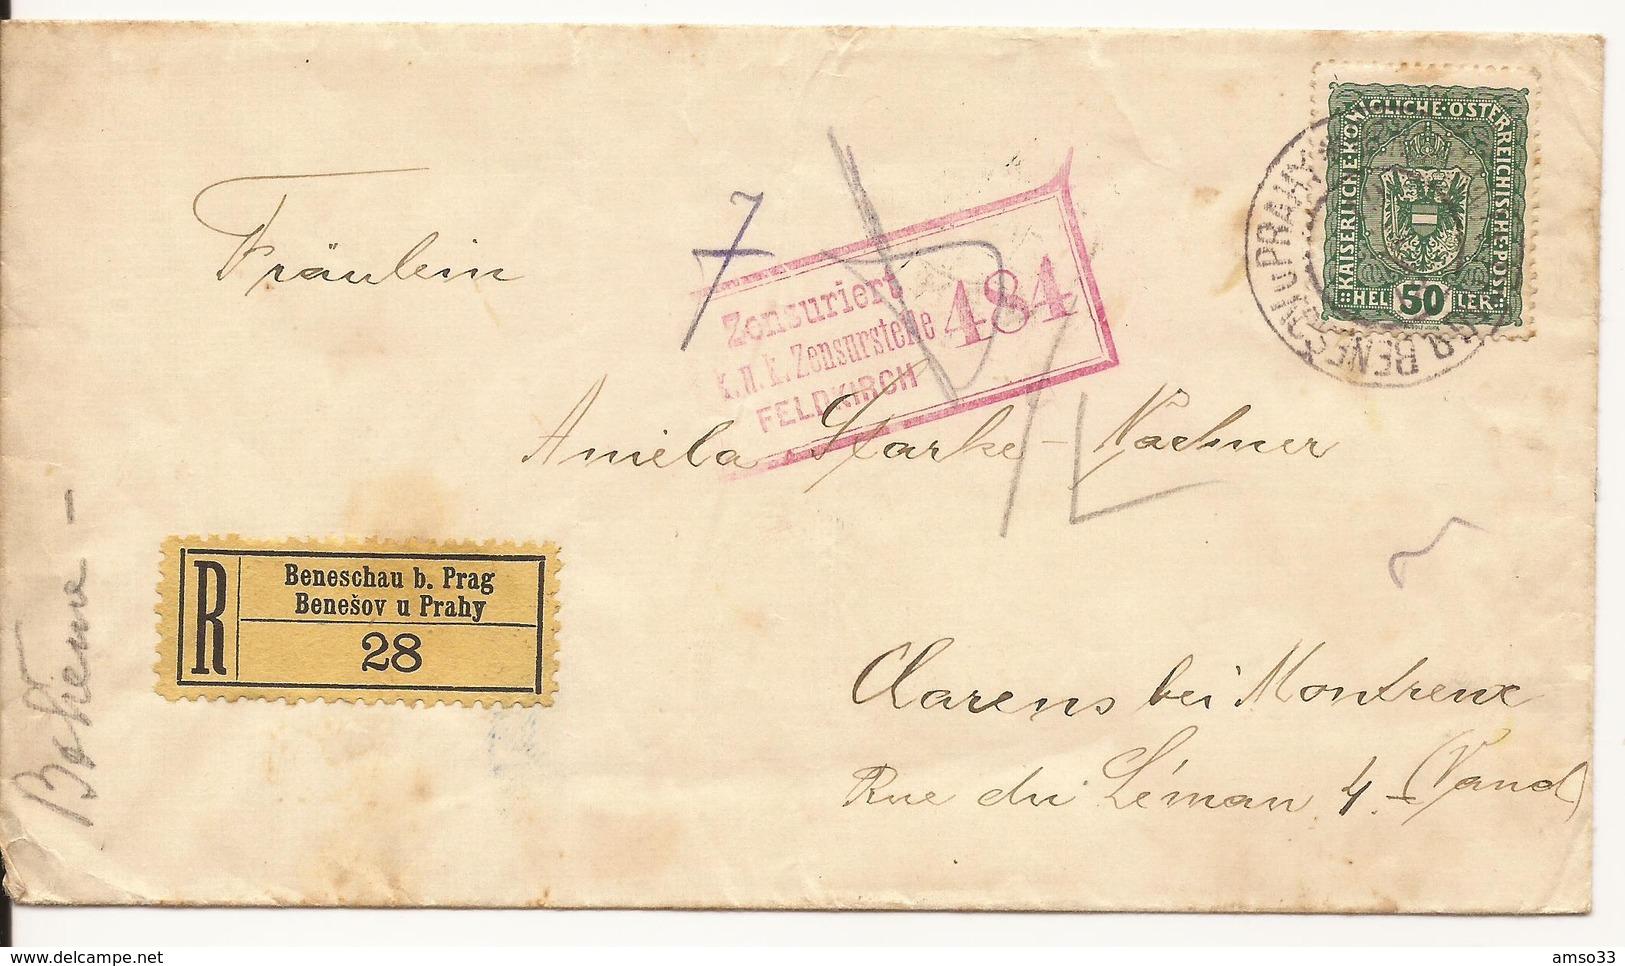 REPUBLIQUE TCHEQUE ENVELOPPE VERS SUISSE CACHET GARE BENESOV-PRAGUE CENSURE AUSTRO-HONGROISE 1918 - Tchécoslovaquie